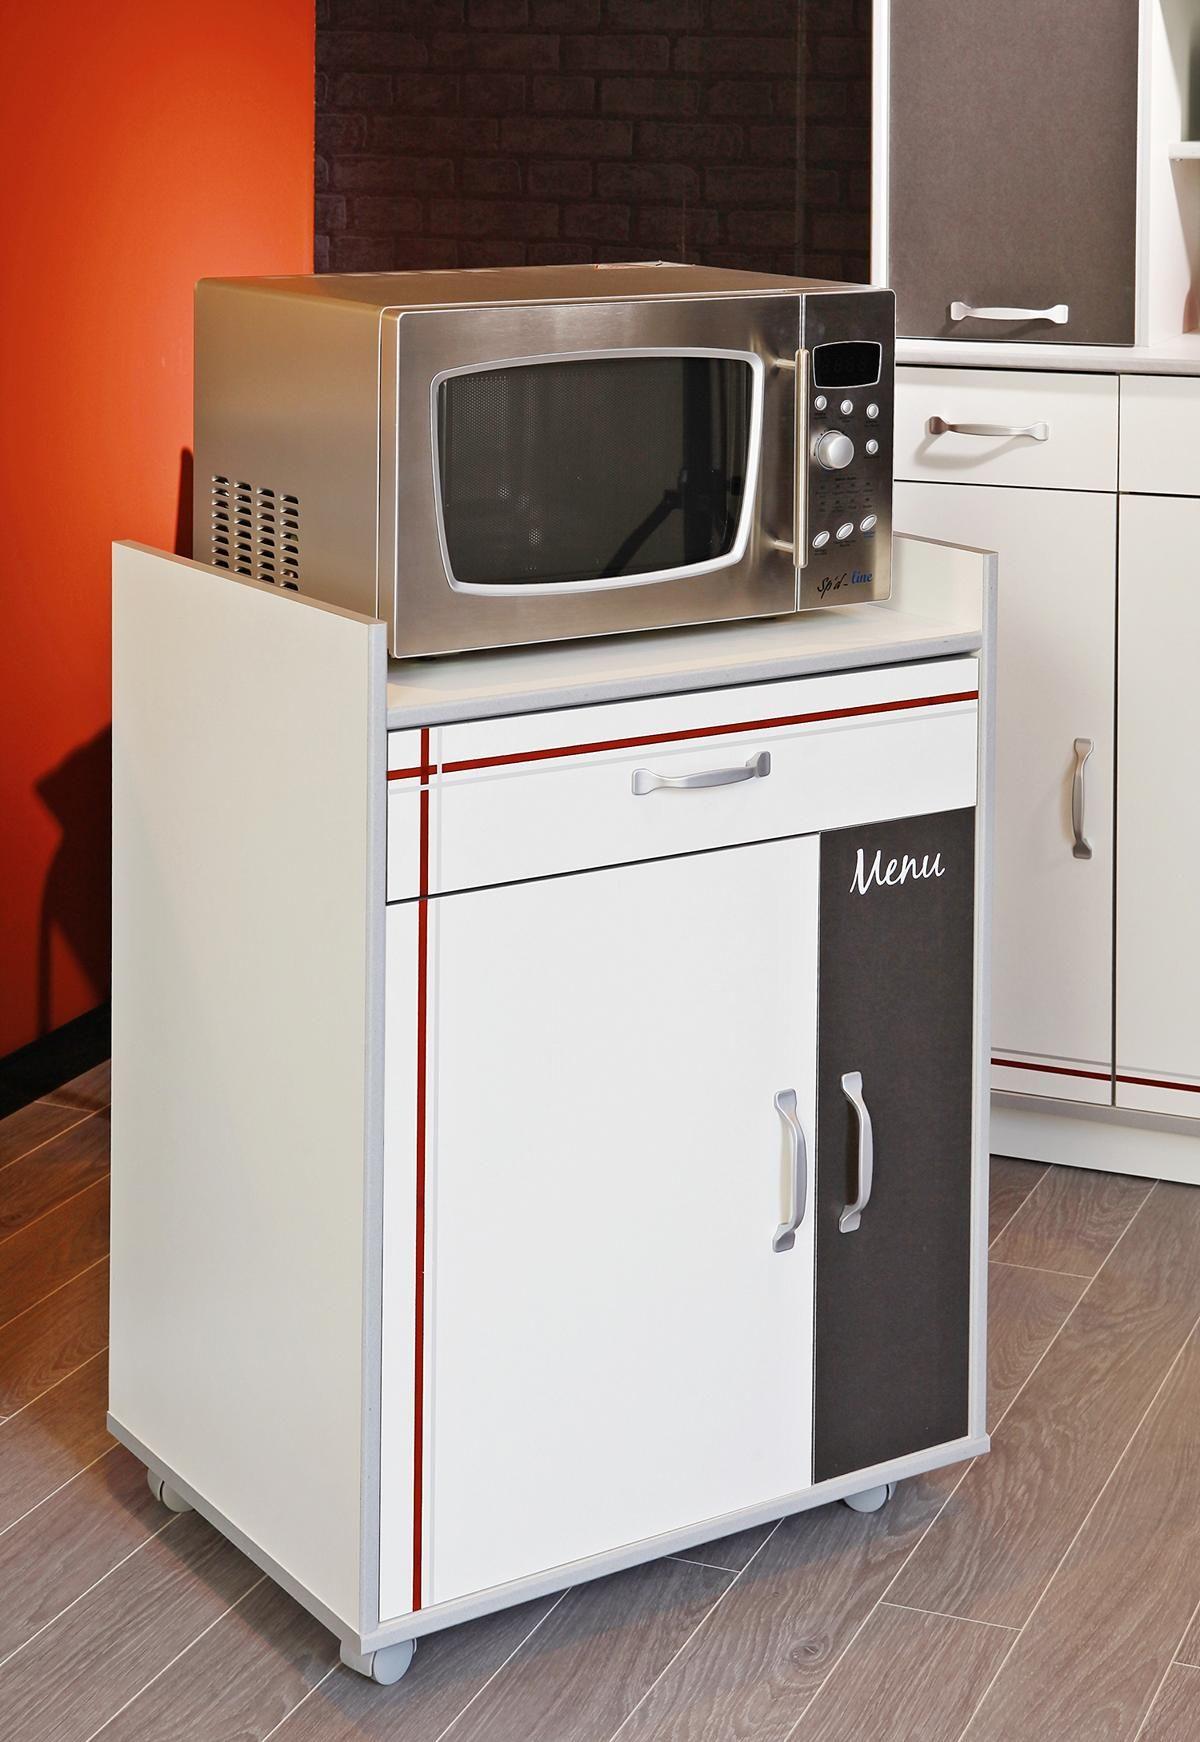 Küchenwagen Matteo Die Küchenmöbel von Matteo sind ideal ...